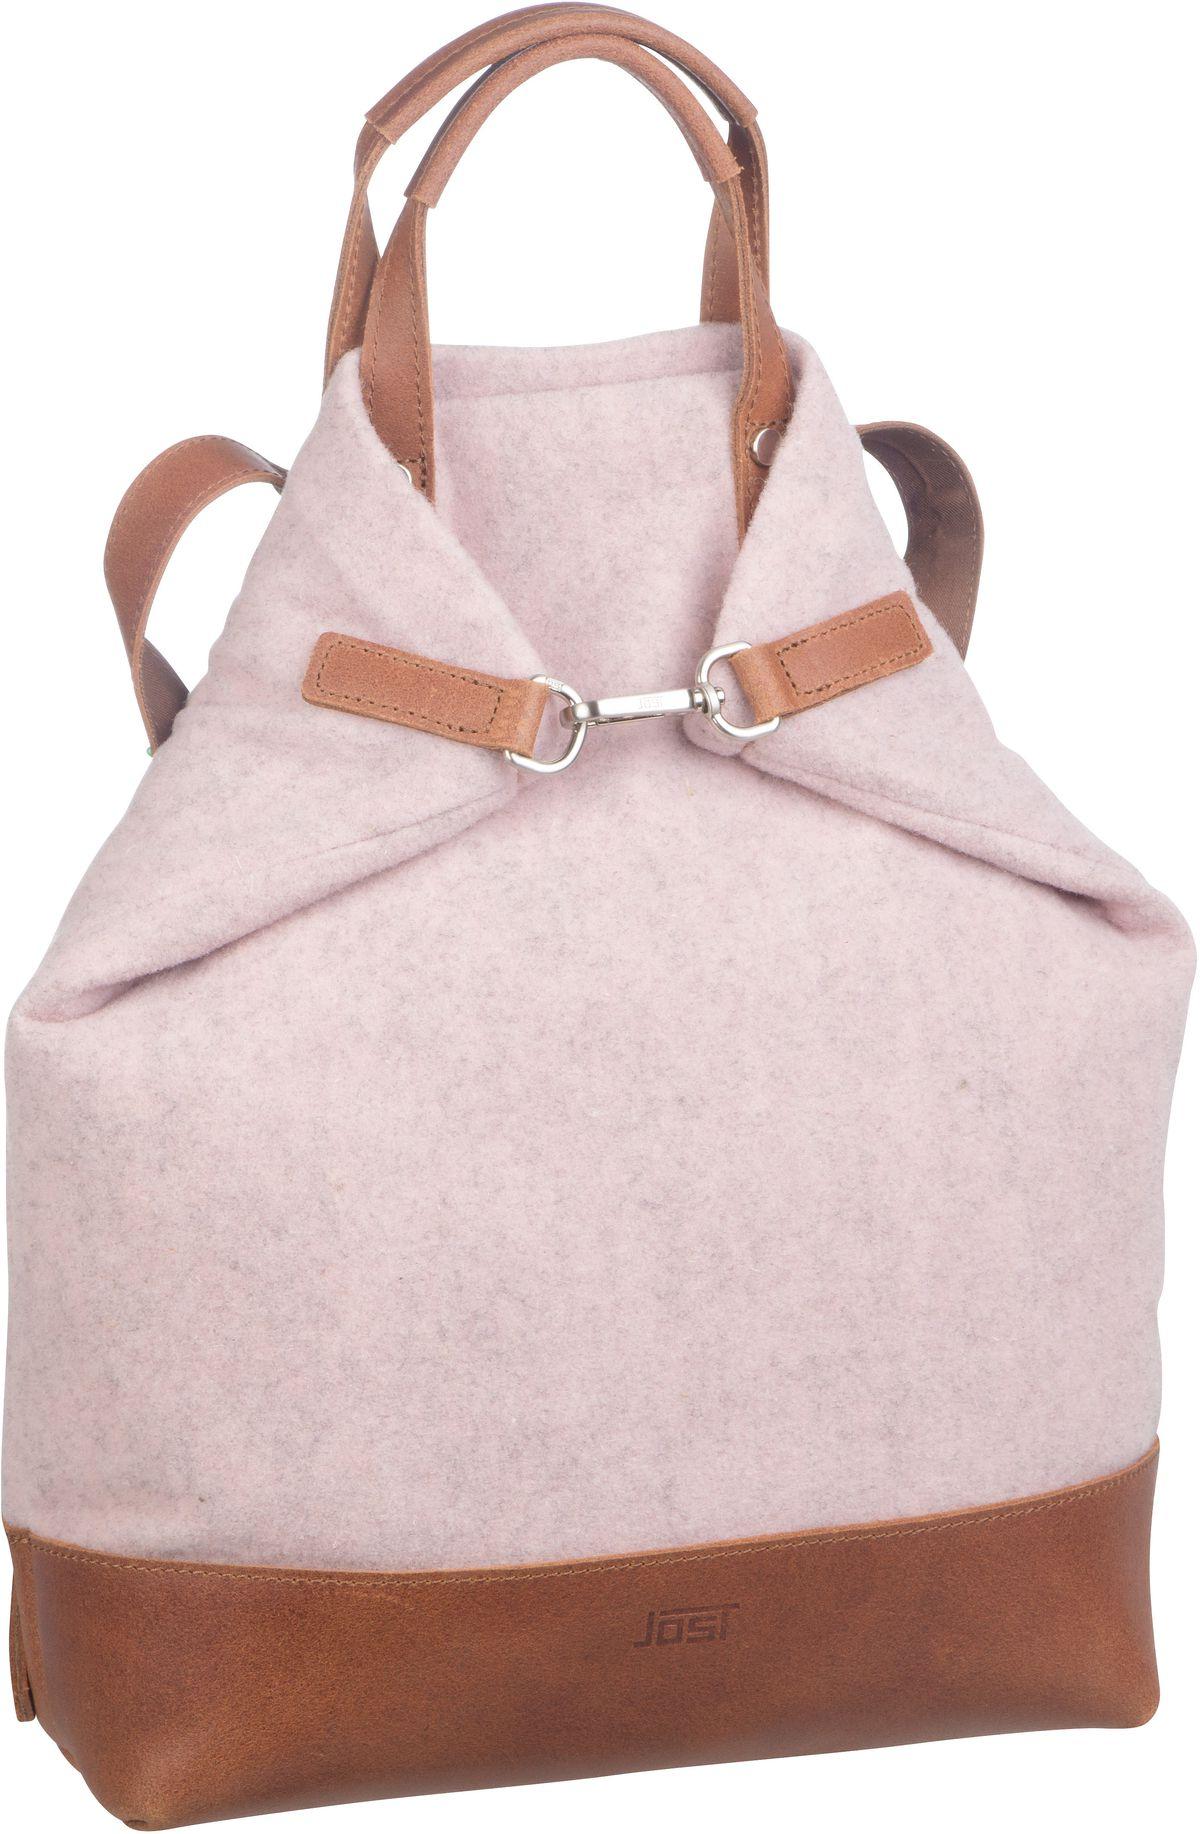 Rucksack / Daypack Farum 3026 X-Change Bag S Rosewood